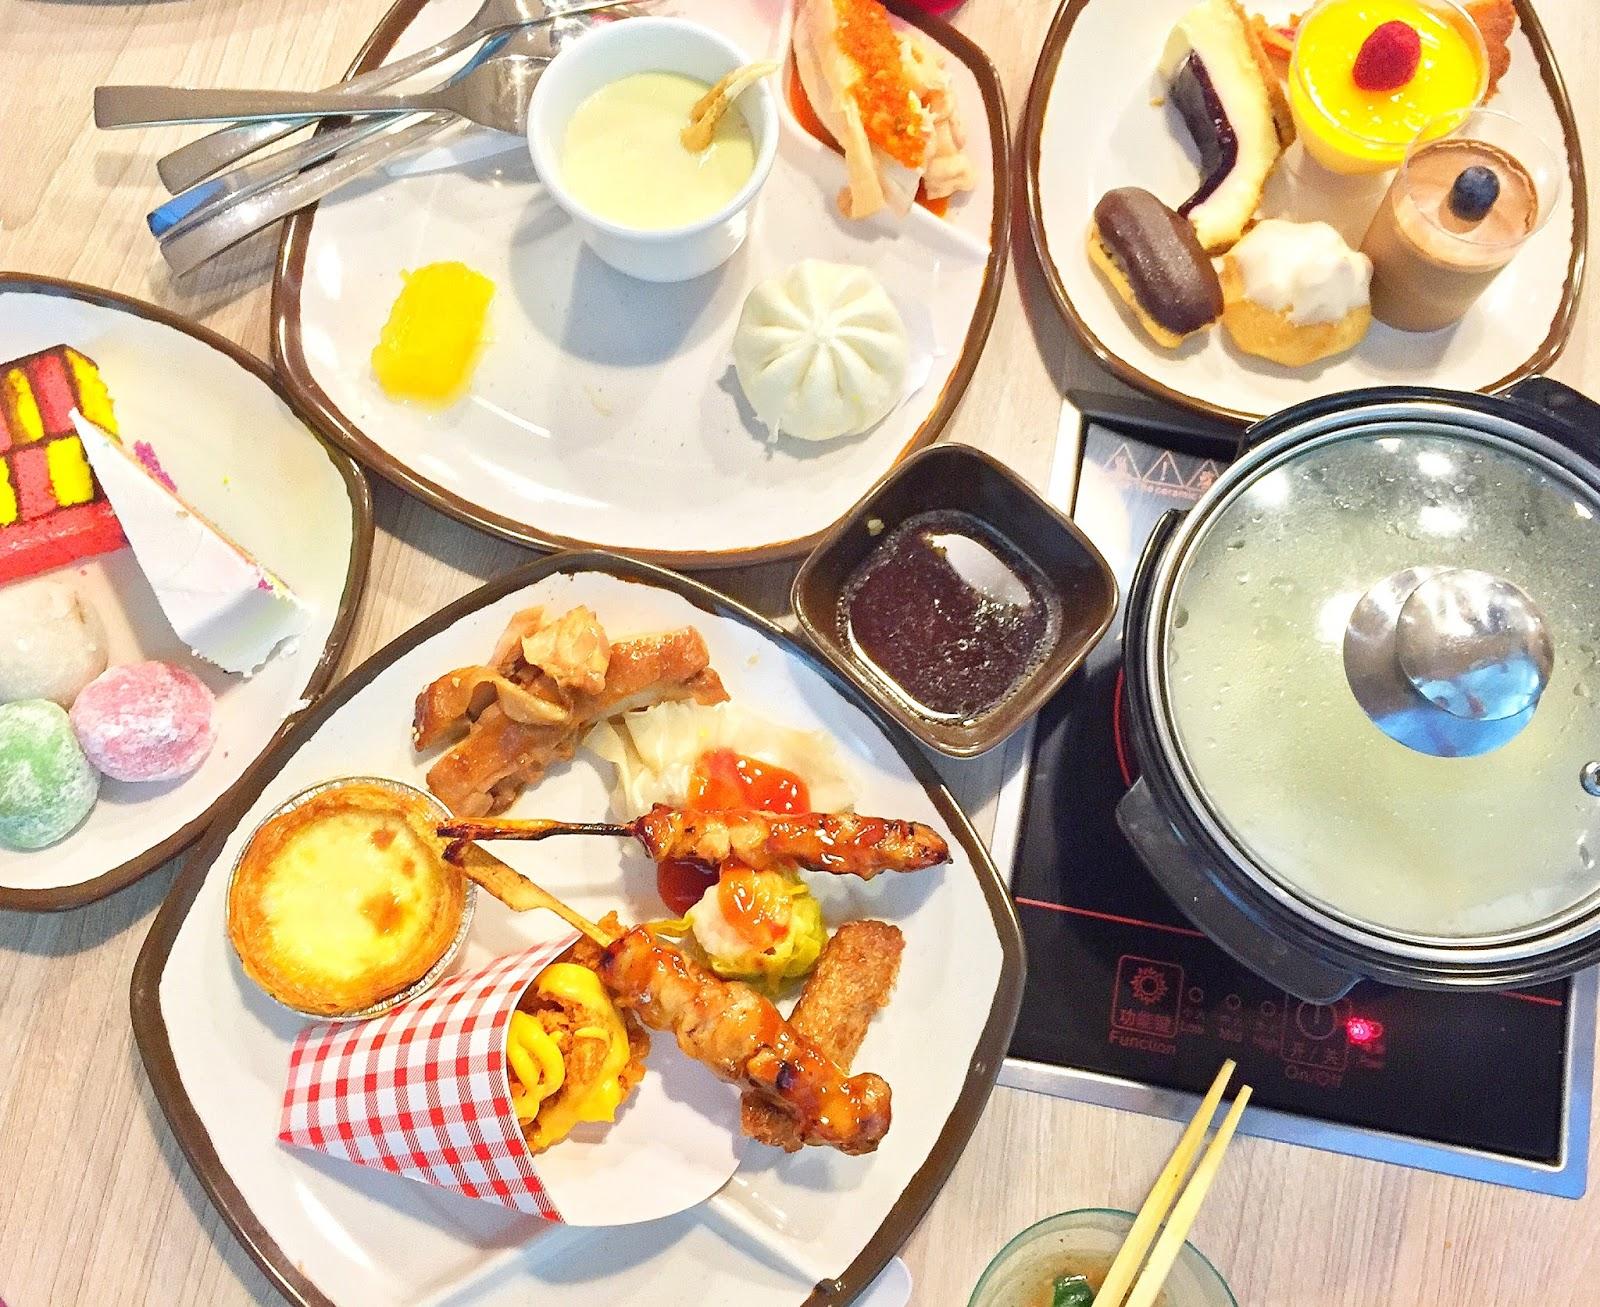 Sakura International Buffet at Yio Chu Kang 4